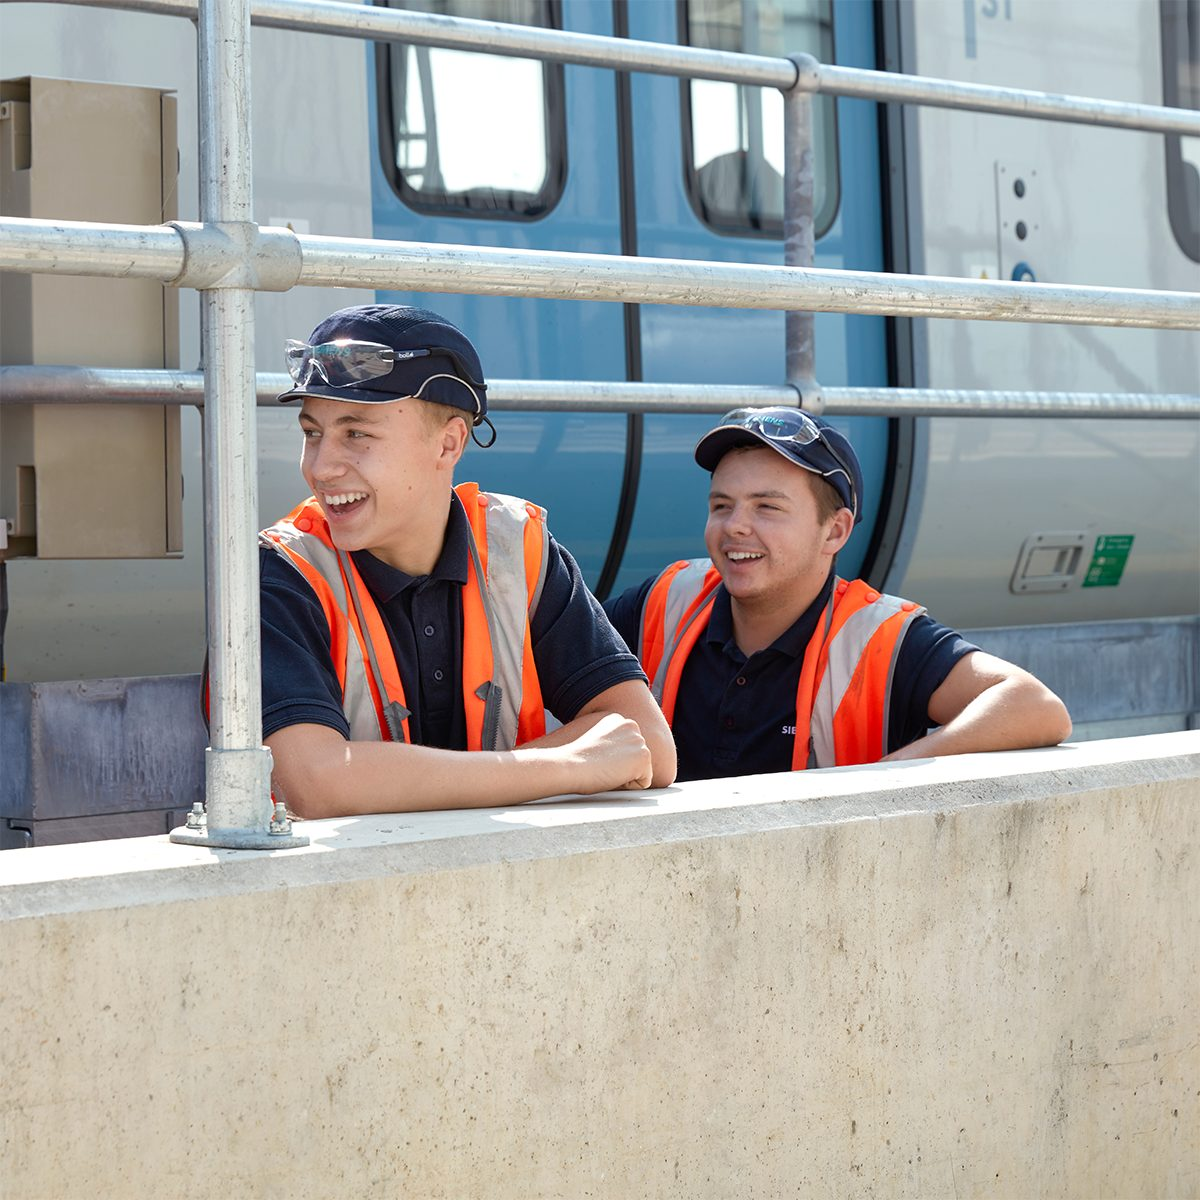 Apprenticeships | Early Careers | Siemens UK Jobs & Careers